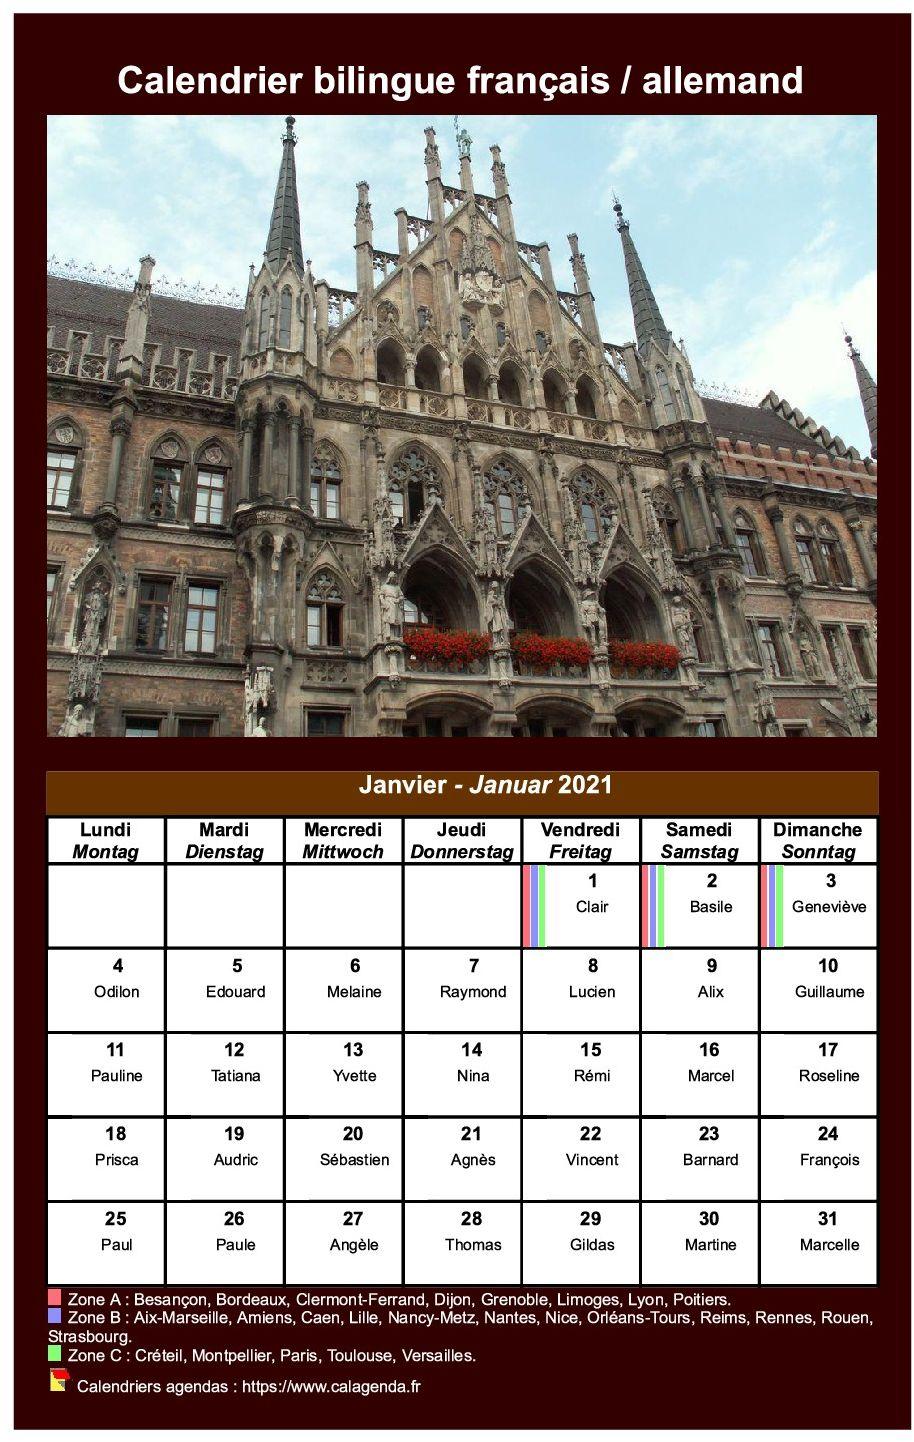 Calendrier Fêtes Médiévales 2021 Calendrier mensuel 2021 allemand